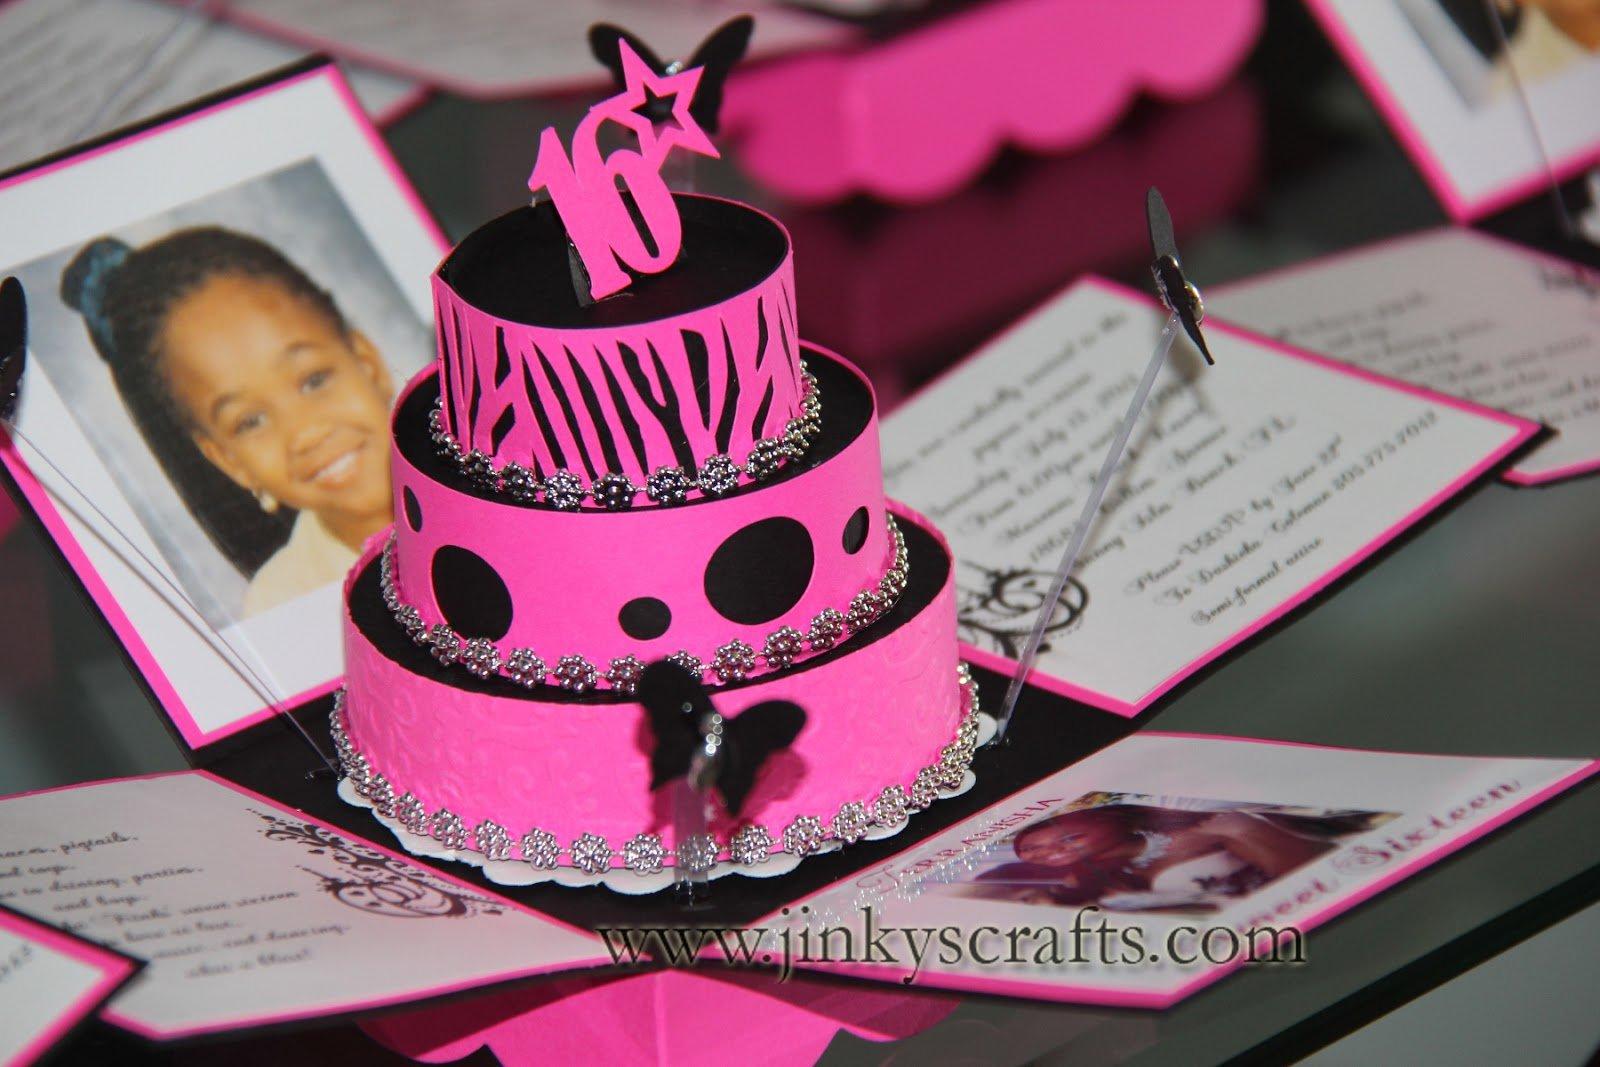 Pink Zebra Cake And Invitations